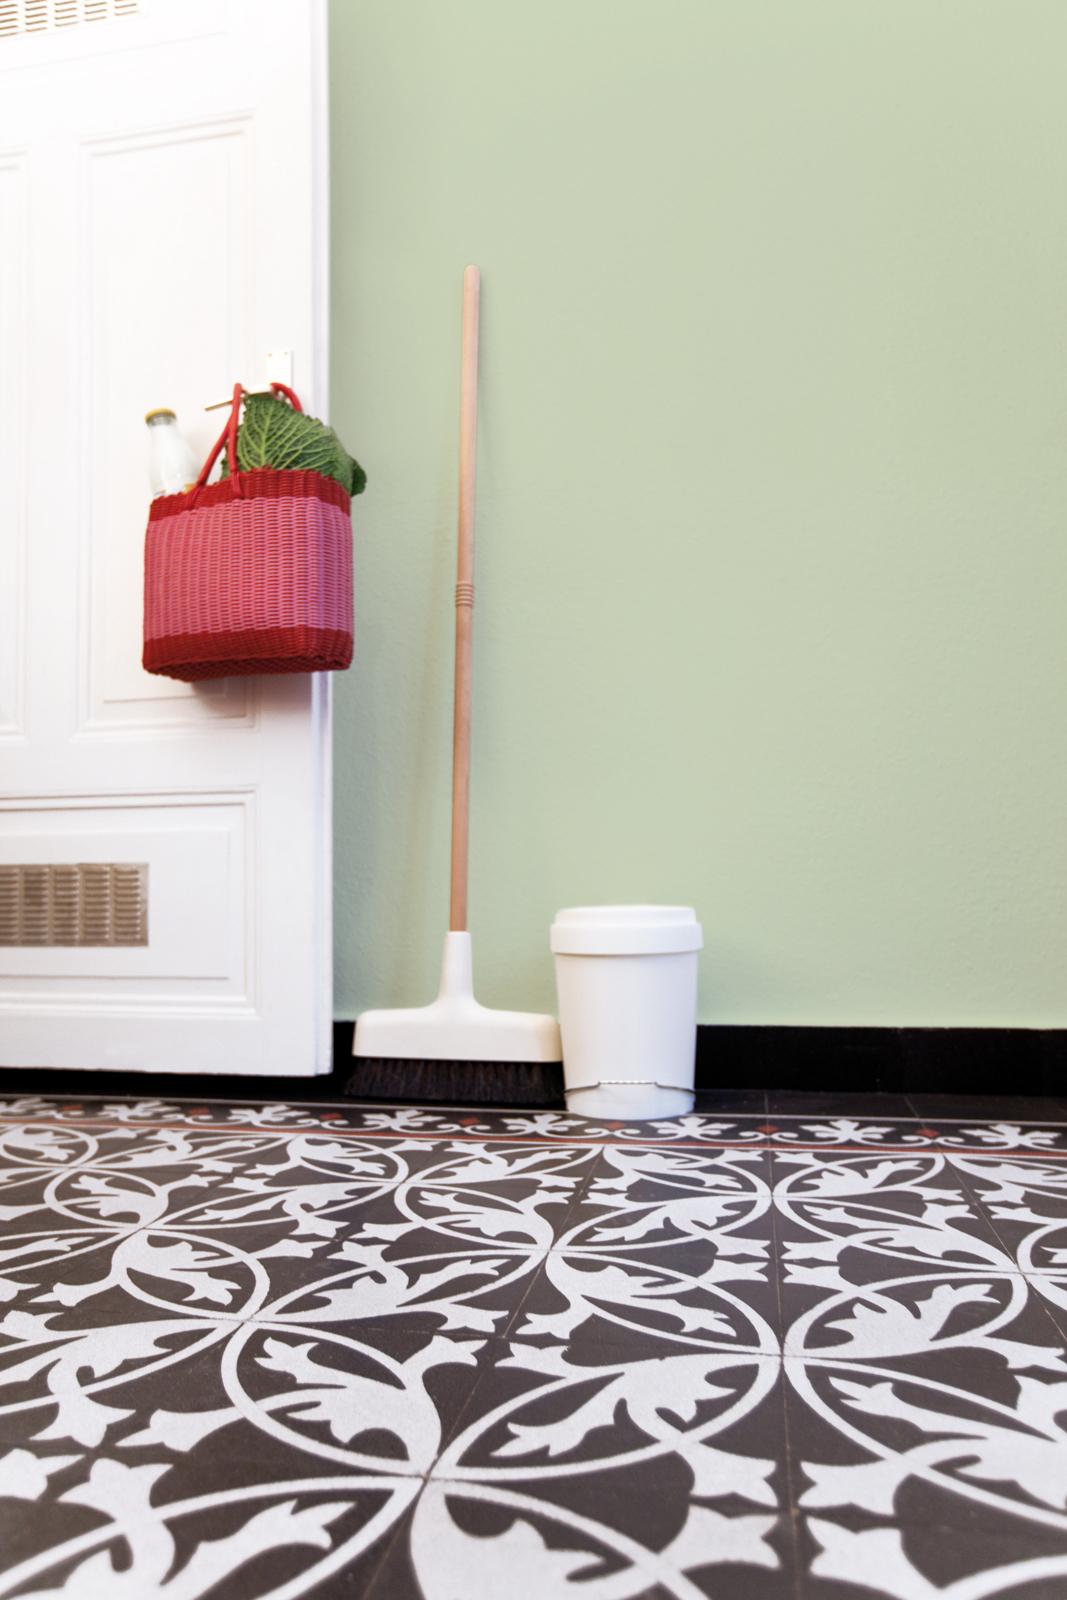 kreidefarbe-gruener-tee-107-flur-zementfliesen-terrazzofliesen-viaplatten | Kreidefarbe Grüner Tee 2500 ml